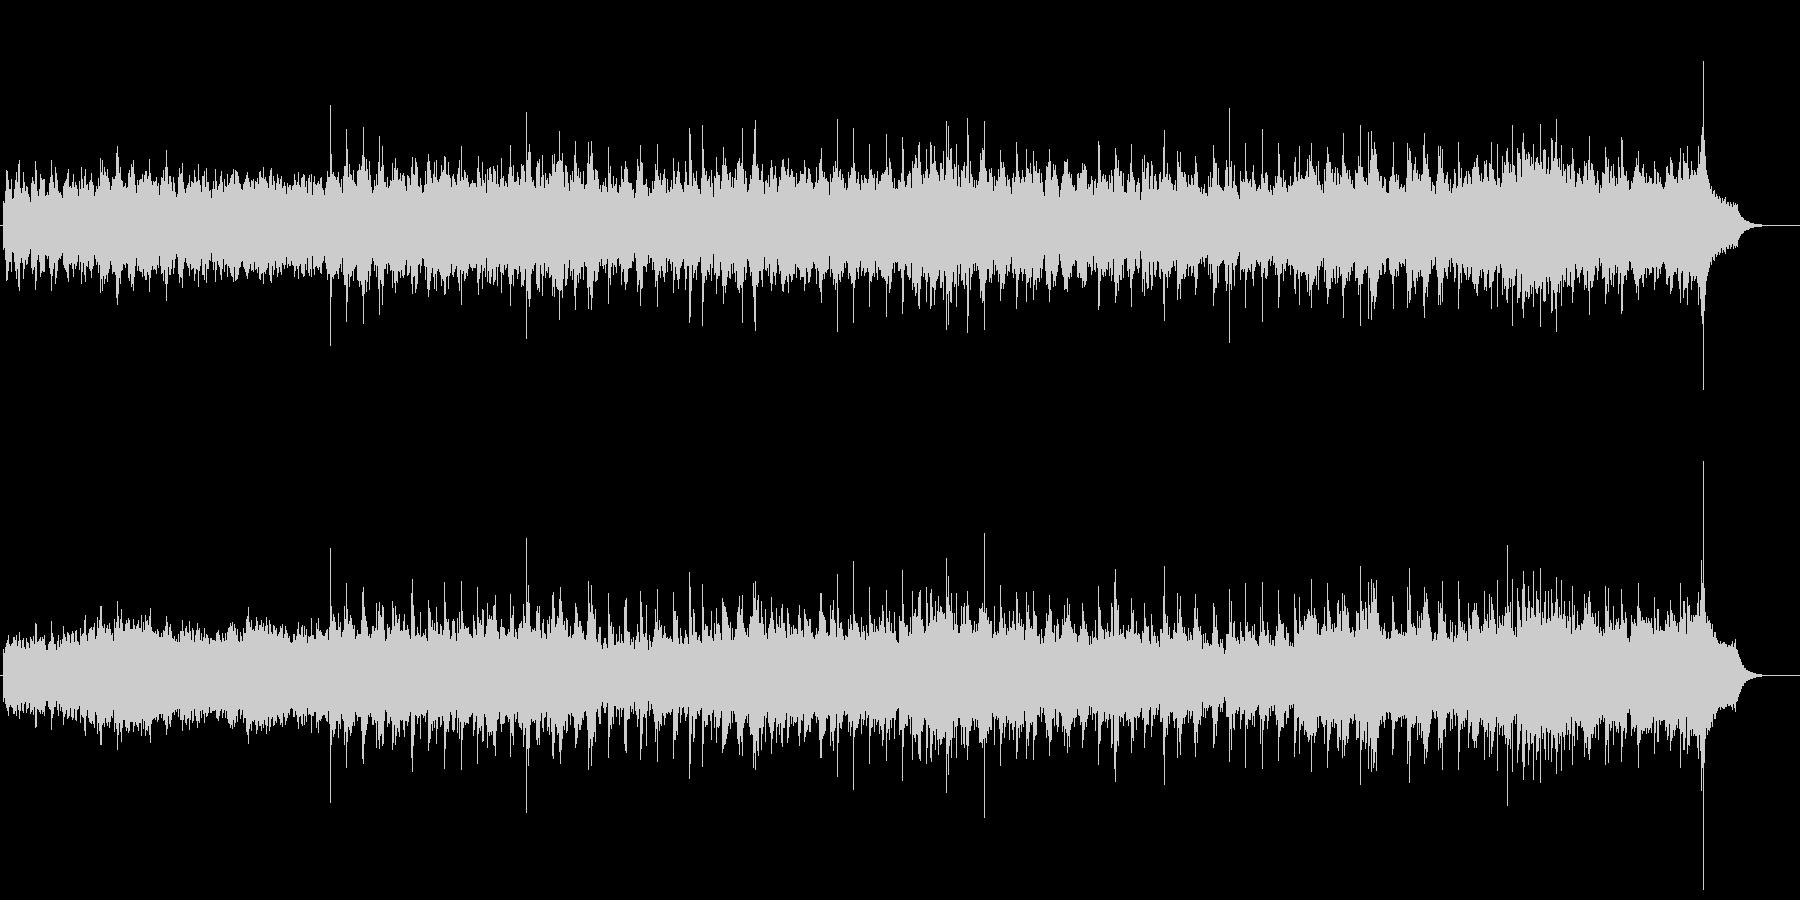 青空(フレッシュ・エアー)の未再生の波形